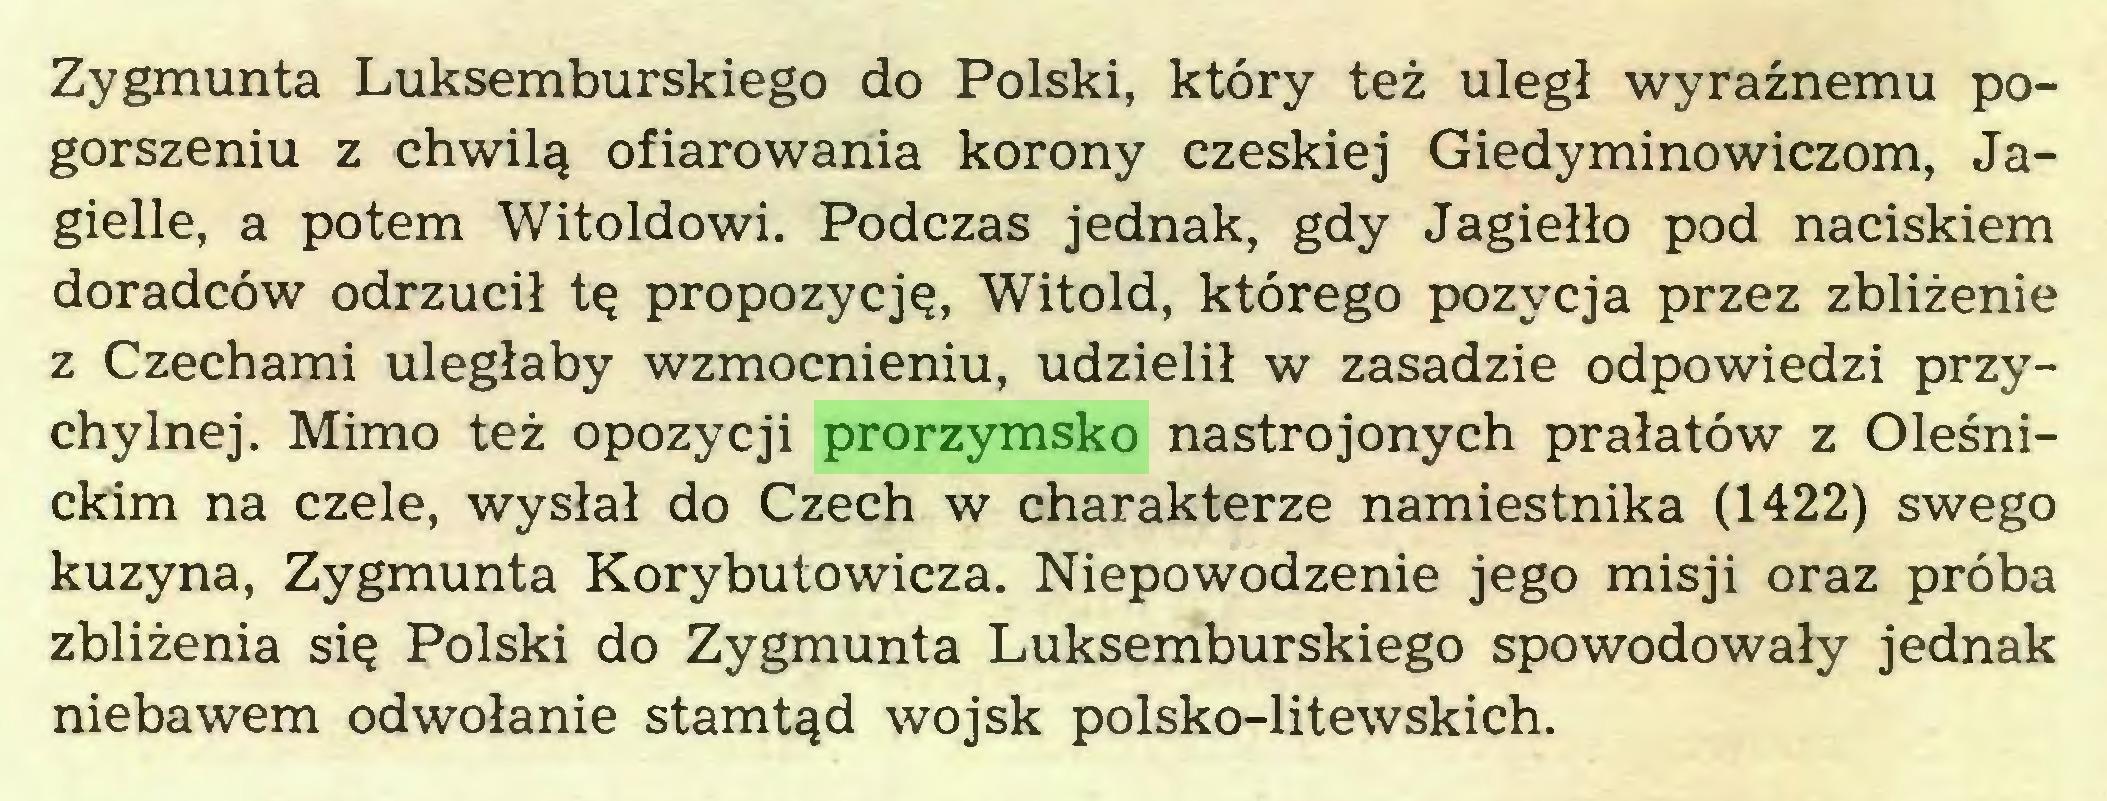 (...) Zygmunta Luksemburskiego do Polski, który też uległ wyraźnemu pogorszeniu z chwilą ofiarowania korony czeskiej Giedyminowiczom, Jagielle, a potem Witoldowi. Podczas jednak, gdy Jagiełło pod naciskiem doradców odrzucił tę propozycję, Witold, którego pozycja przez zbliżenie z Czechami uległaby wzmocnieniu, udzielił w zasadzie odpowiedzi przychylnej. Mimo też opozycji prorzymsko nastrojonych prałatów z Oleśnickim na czele, wysłał do Czech w charakterze namiestnika (1422) swego kuzyna, Zygmunta Korybutowicza. Niepowodzenie jego misji oraz próba zbliżenia się Polski do Zygmunta Luksemburskiego spowodowały jednak niebawem odwołanie stamtąd wojsk polsko-litewskich...